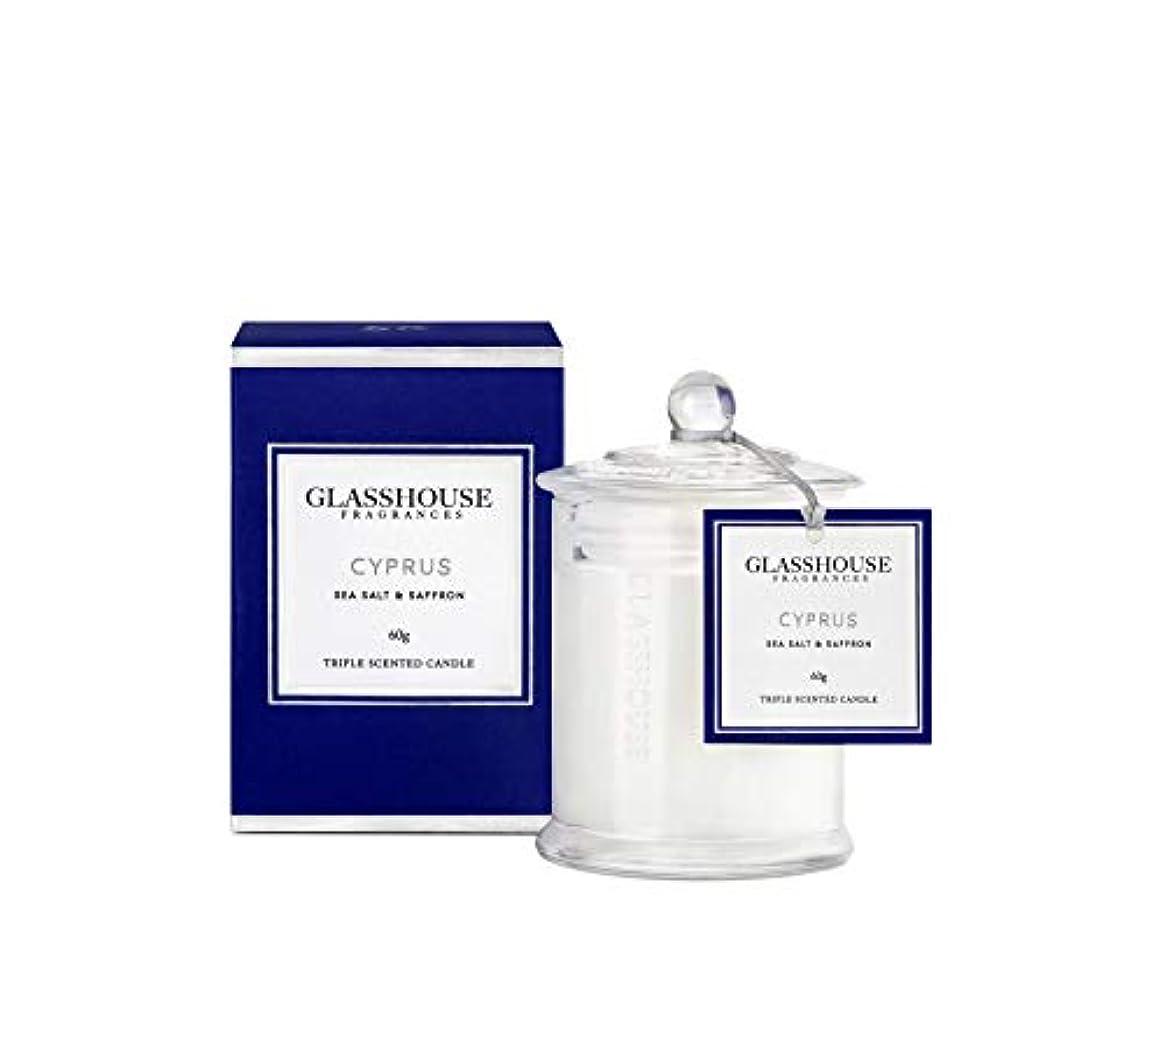 小人チョップ逆にグラスハウス Triple Scented Candle - Cyprus (Sea Salt & Saffron) 60g並行輸入品